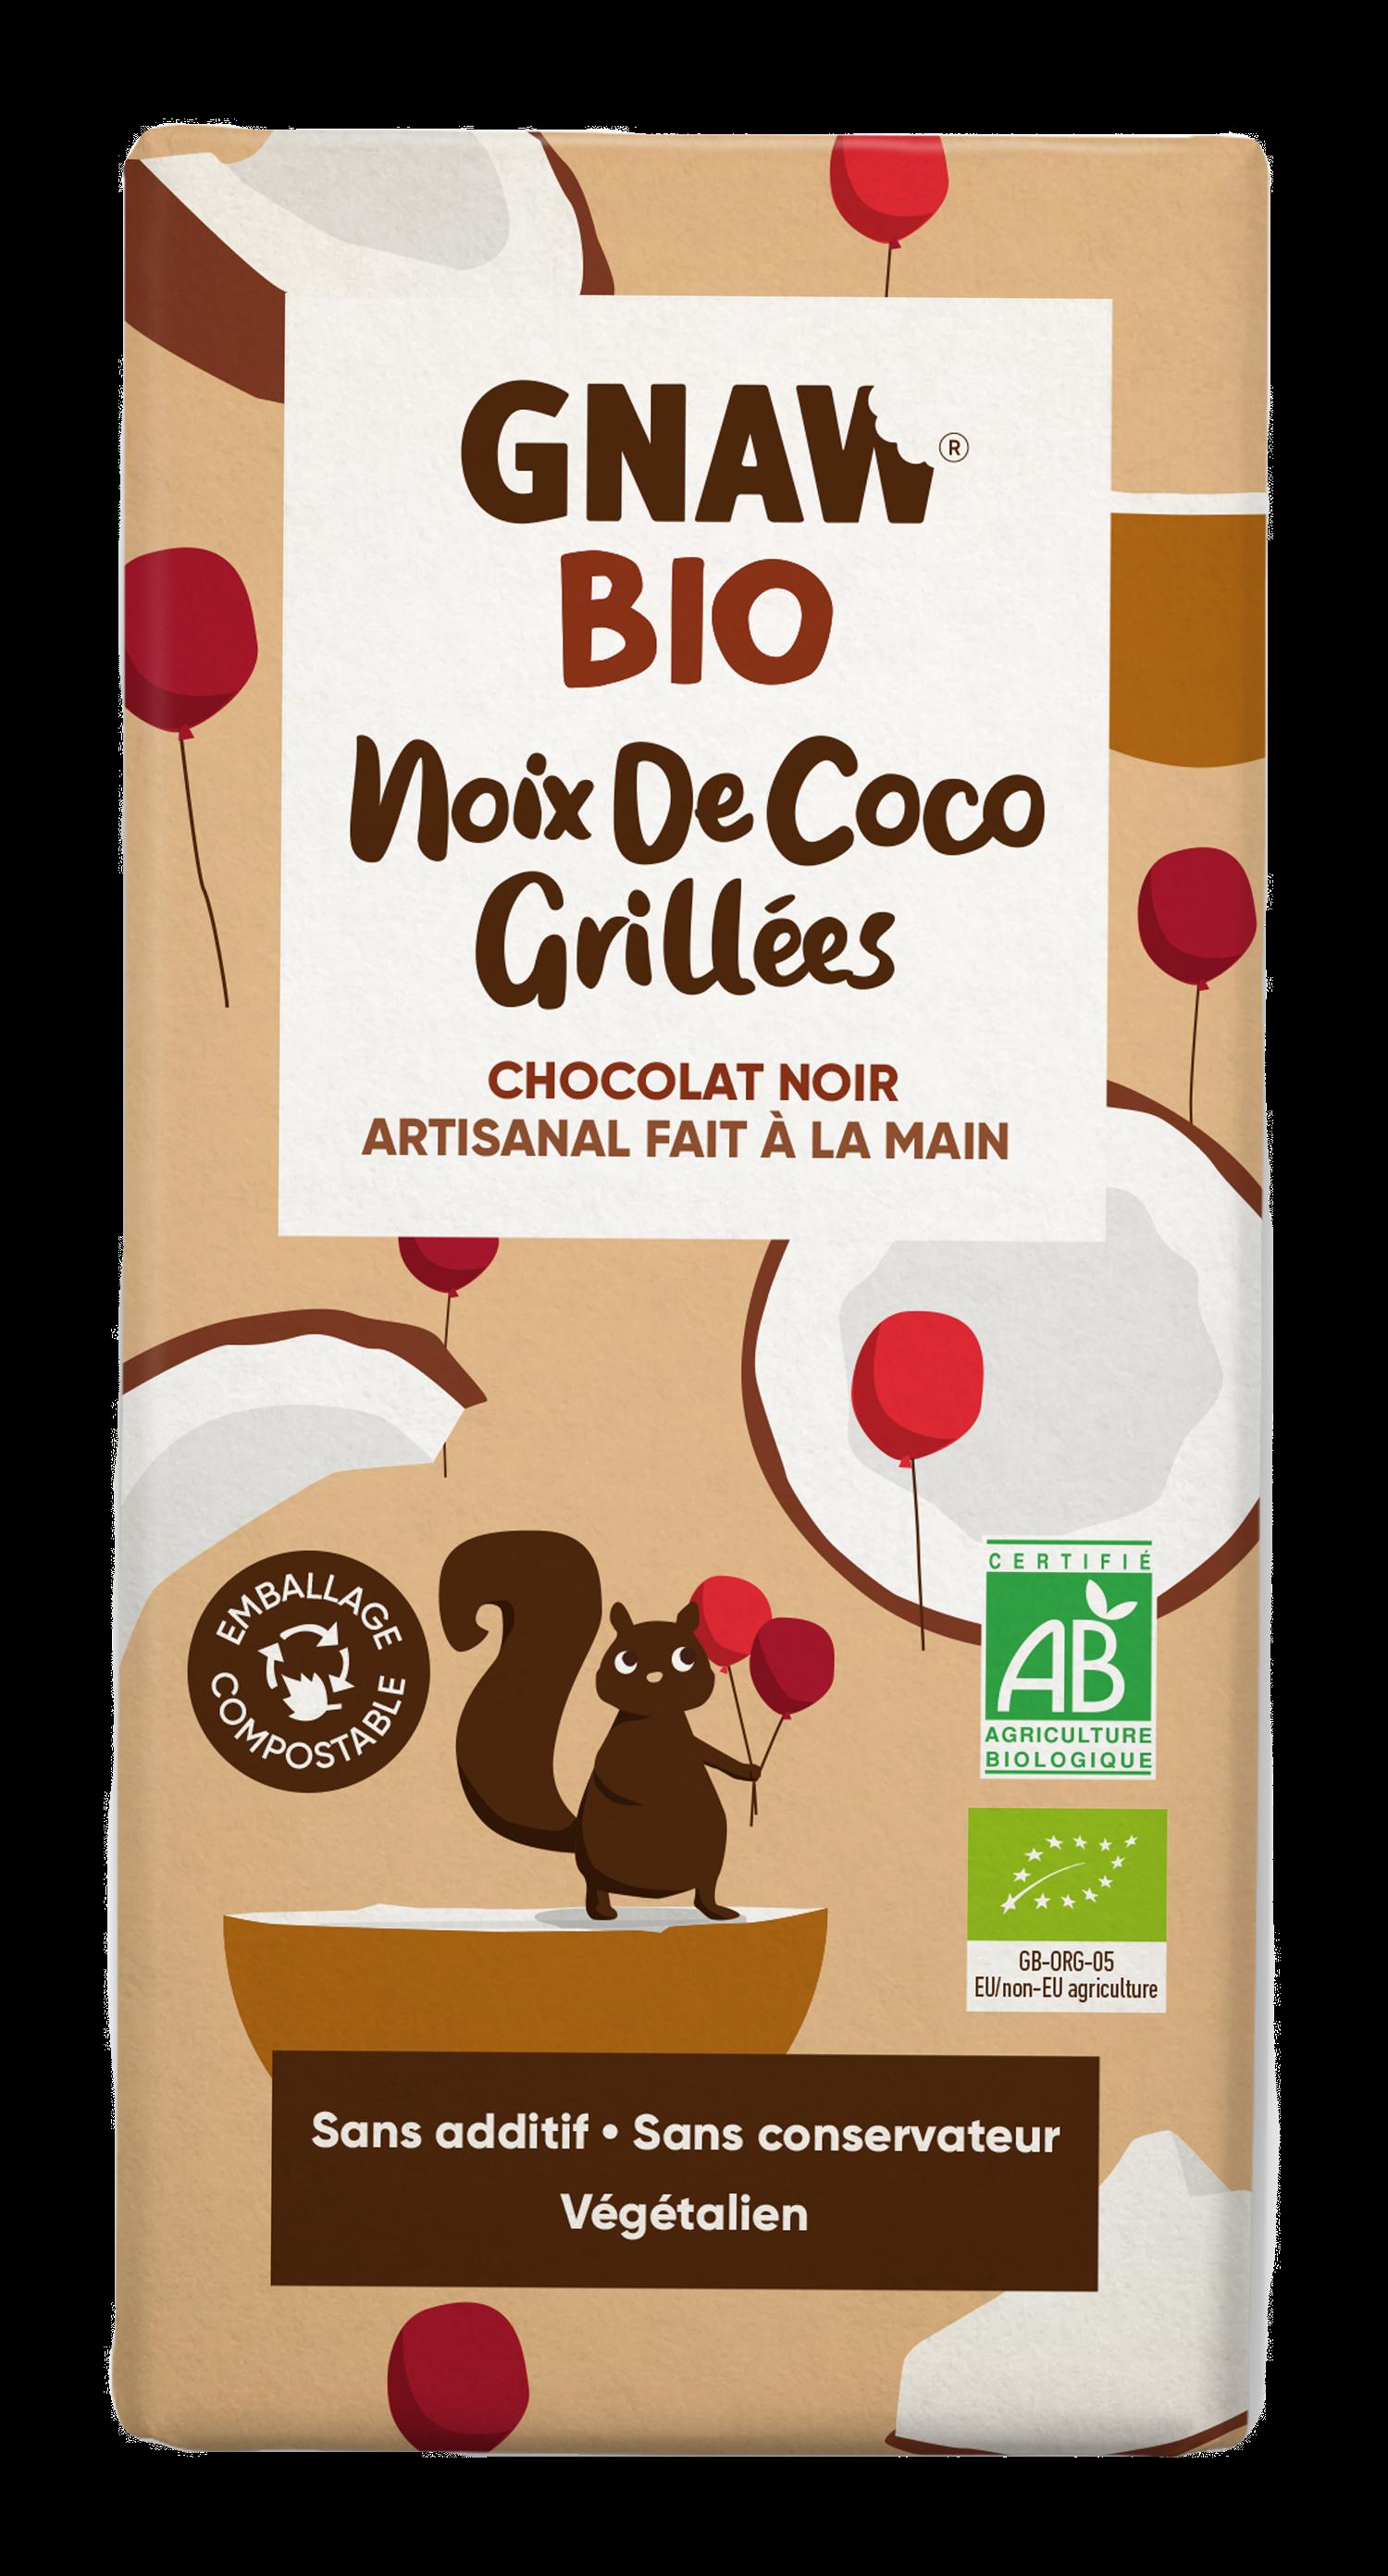 05060463490898 GNAW CHOCOLAT NOIR BIO, NOIX DE COCO GRILLEES